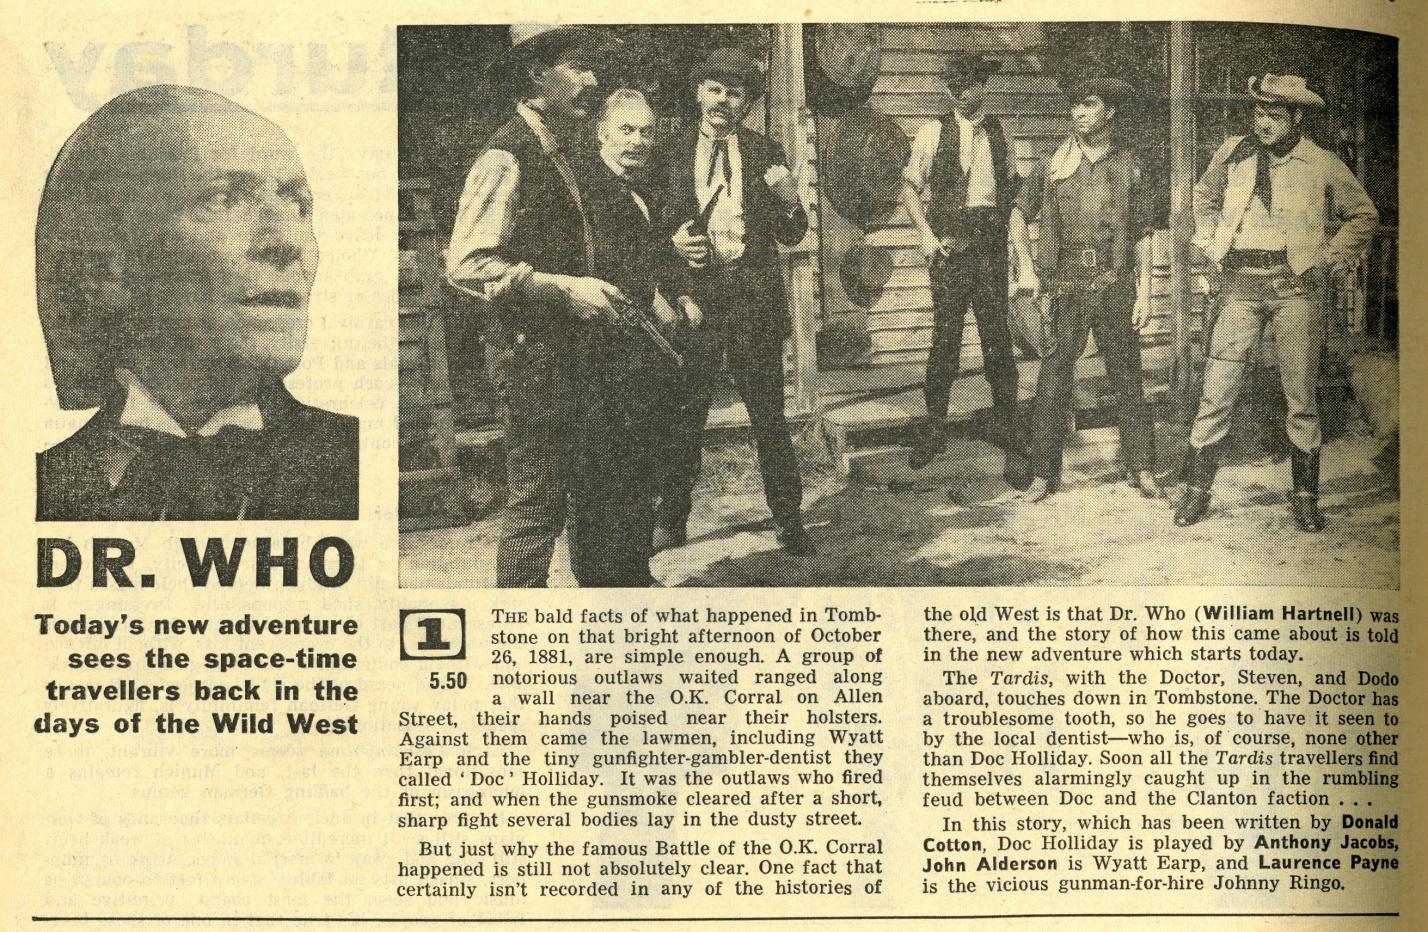 Radio Times, 30 April - 6 May 1966